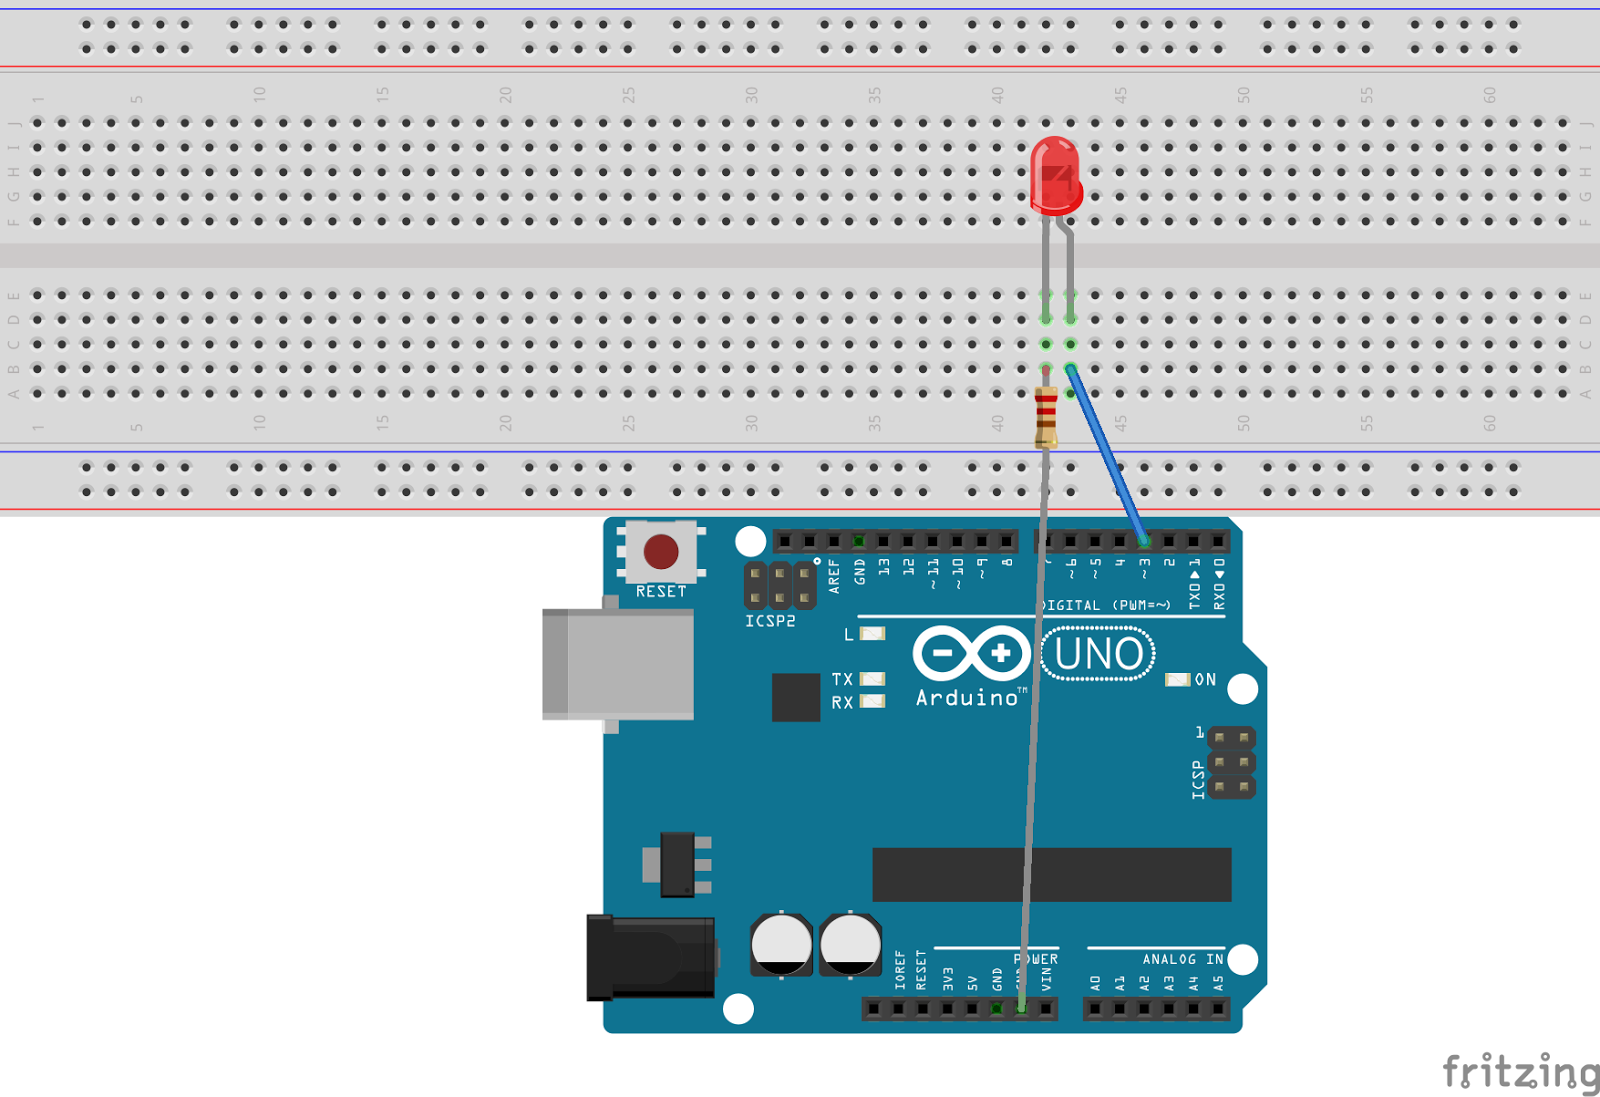 arduino sketch | IOT | Pinterest | Arduino, Arduino board and Internet